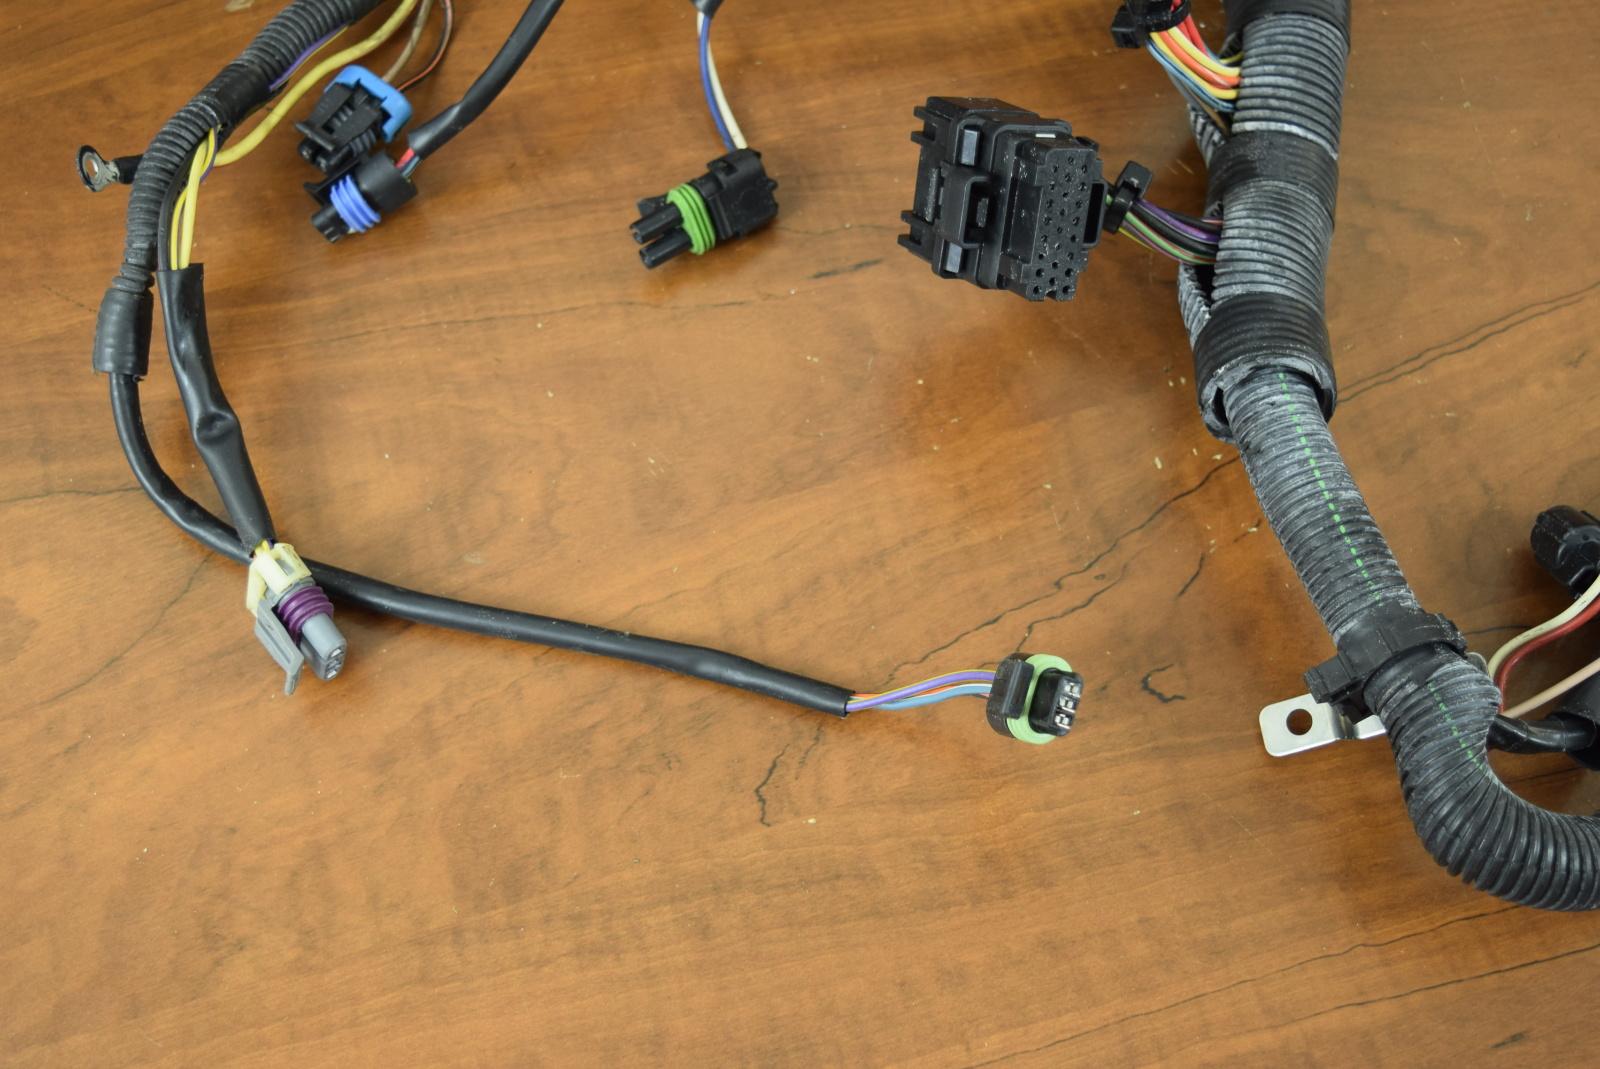 2002 ford f 150 wiring harness diagram mercury engine wiring harness 878082t4 2001-2002 200 225 ... 2002 wiring harness